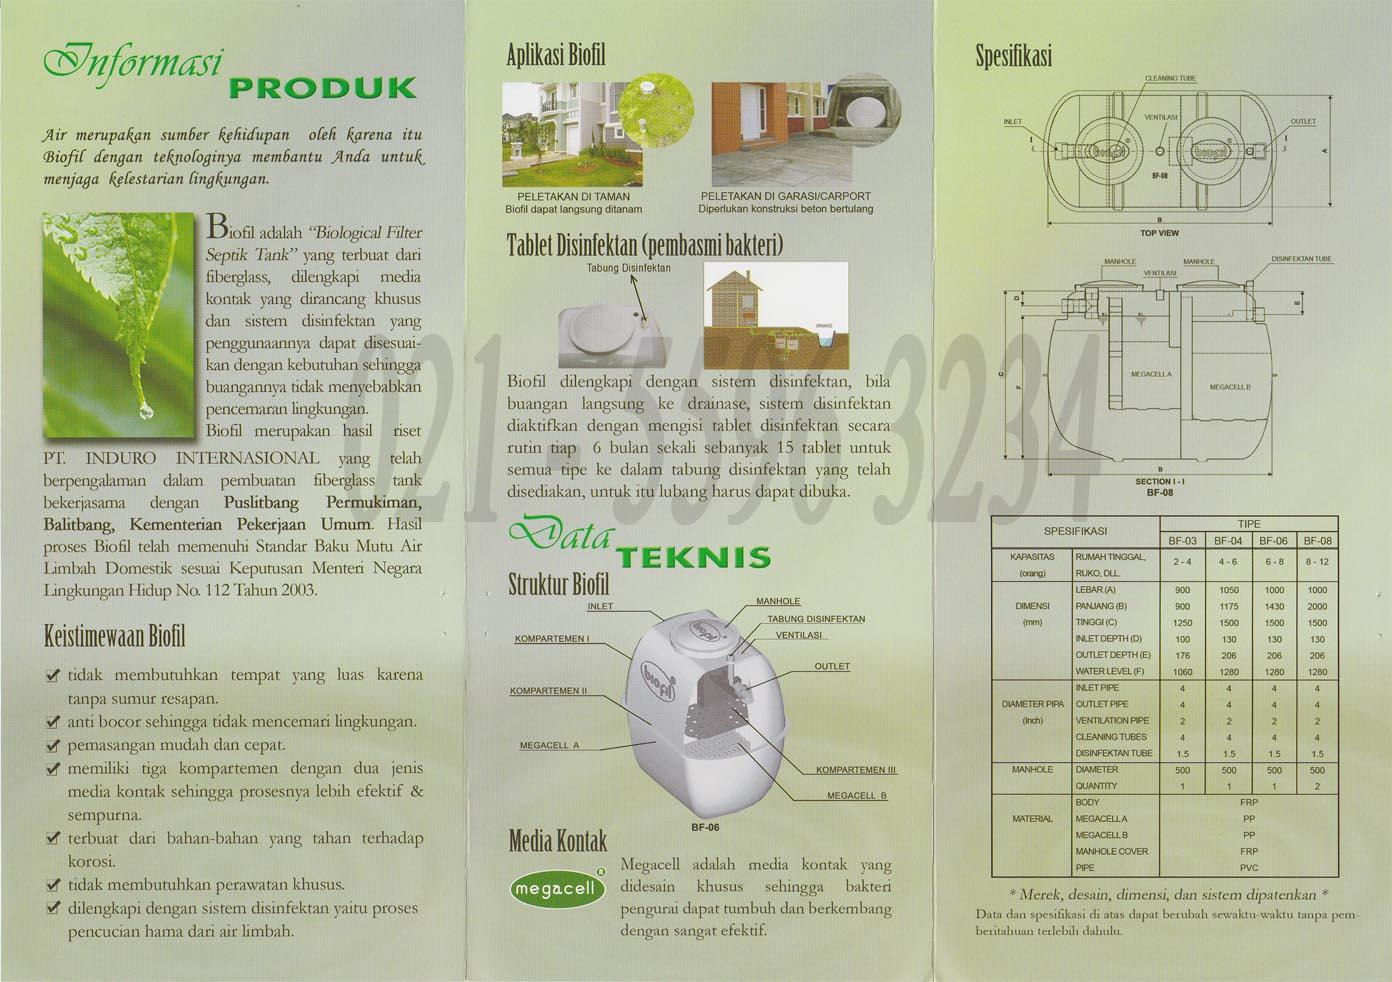 septic tank biofil, stp biofil, portabel toilet fiberglass, septik tenk biopil